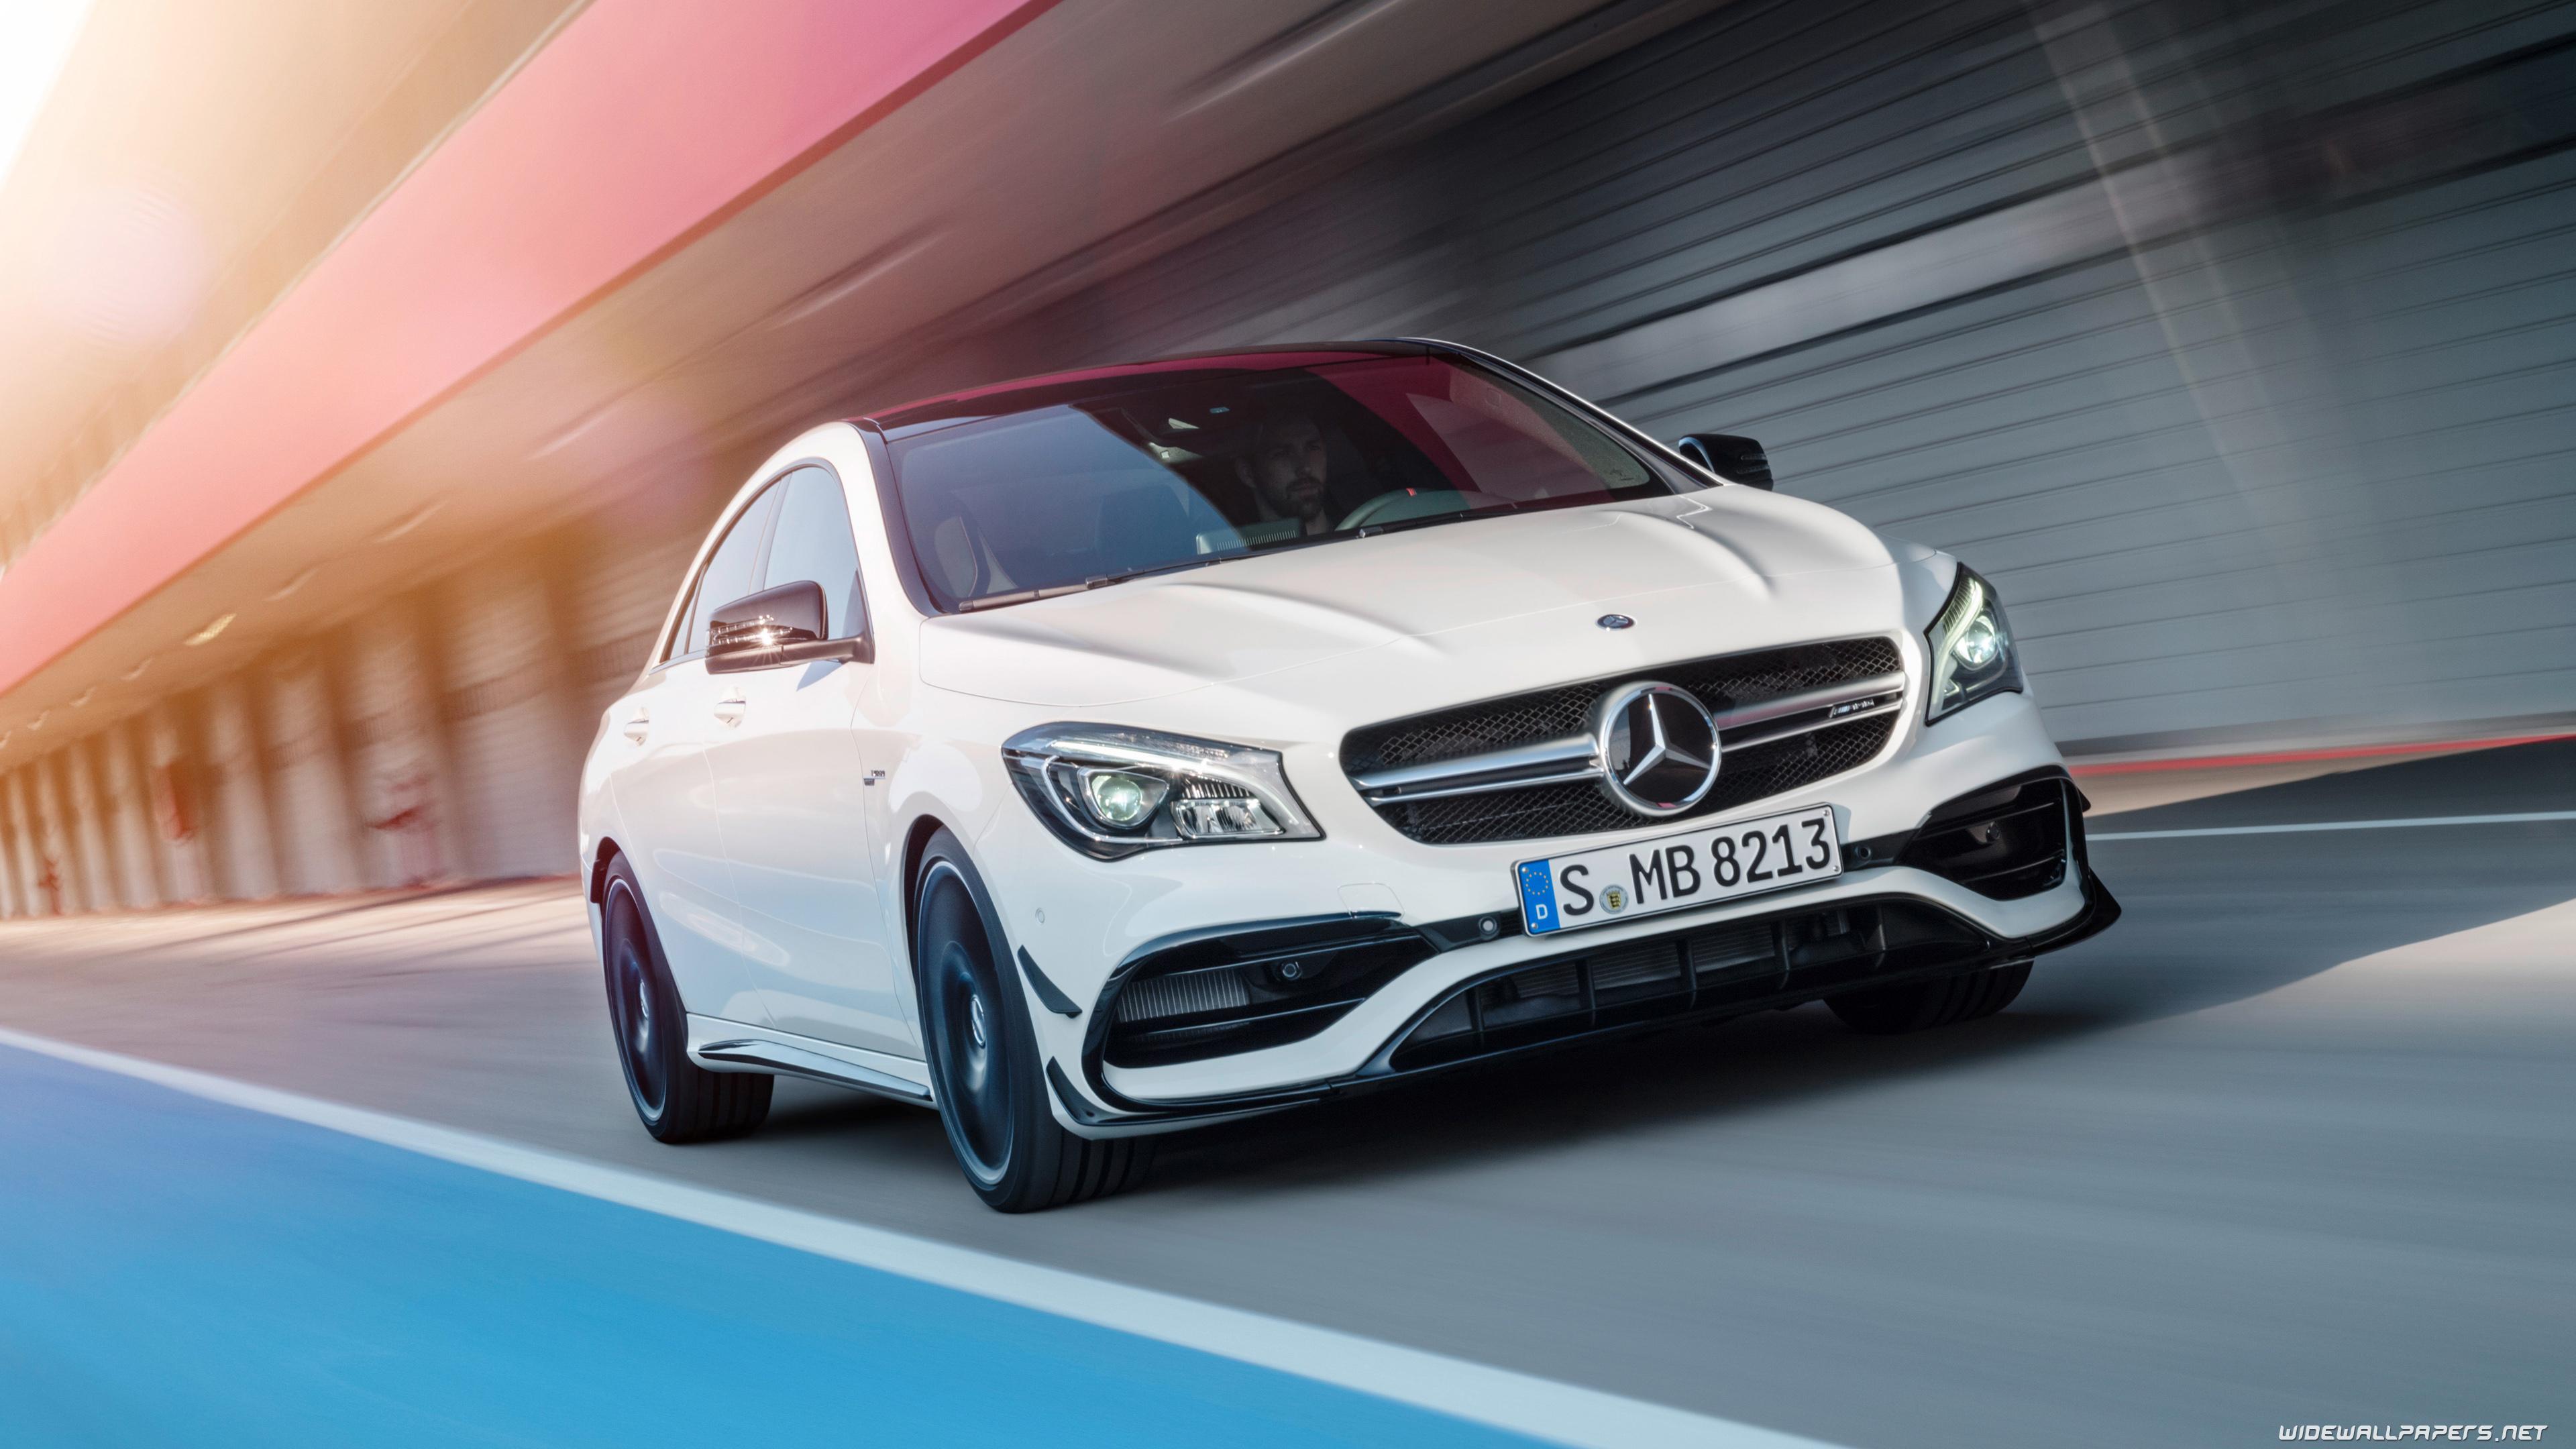 Mercedes Benz CLA class cars desktop wallpapers 4K Ultra HD 3840x2160